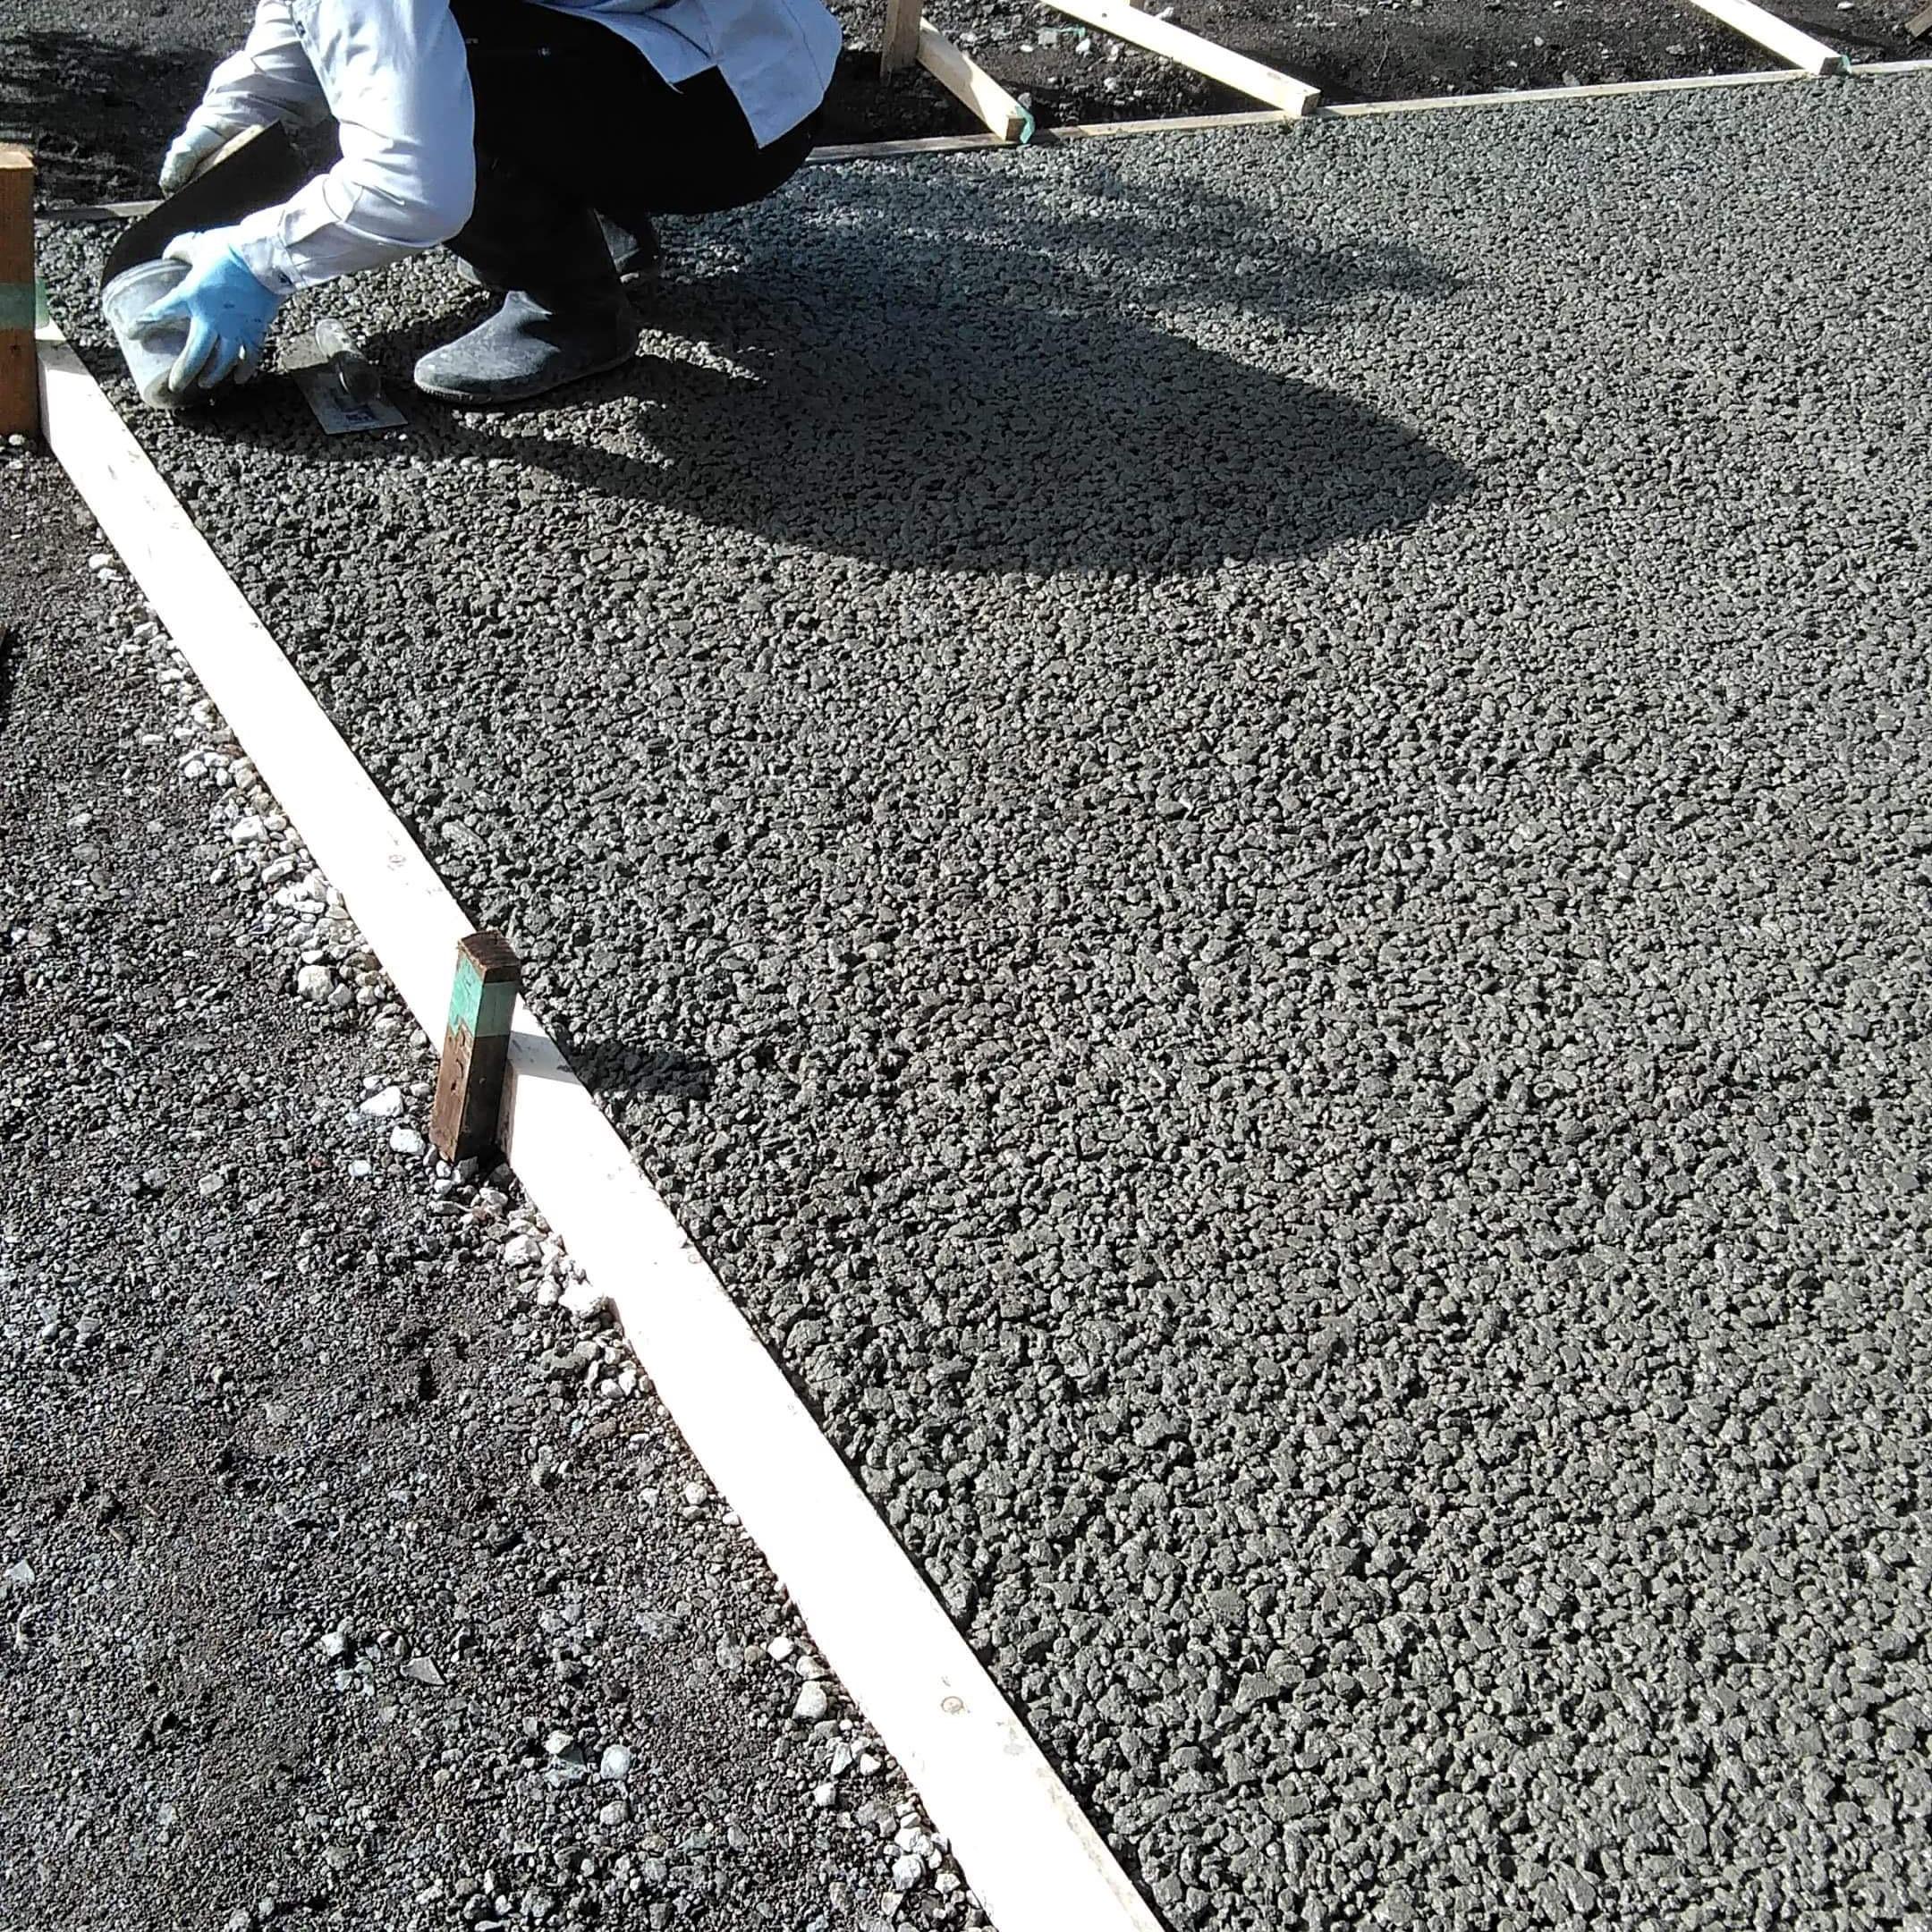 【静岡】「毎日つづくよ富士西麓ガーデンの透水性コンクリート」隙間で施工ができる